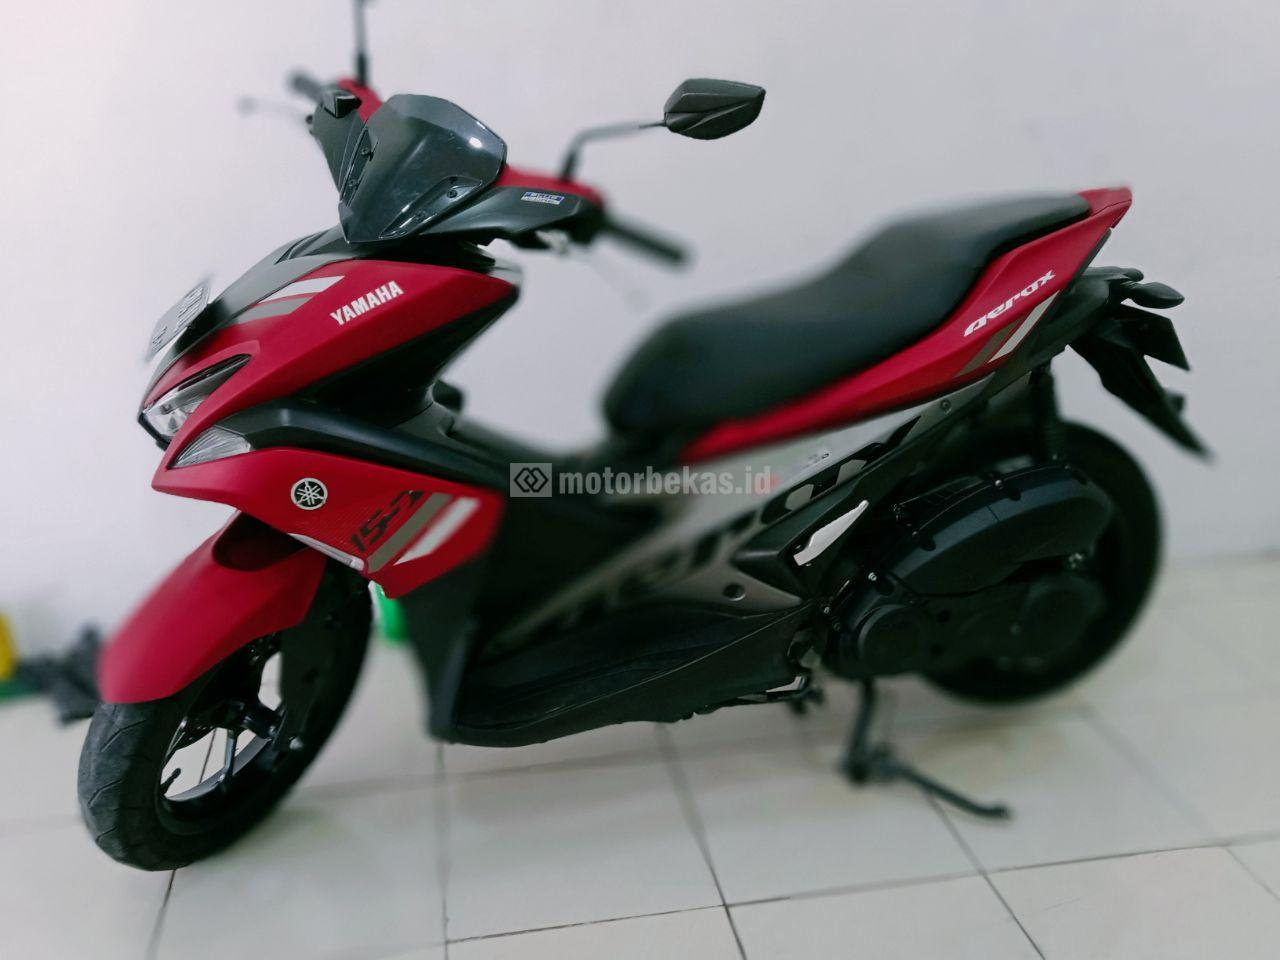 YAMAHA AEROX 155 FI 1747 motorbekas.id